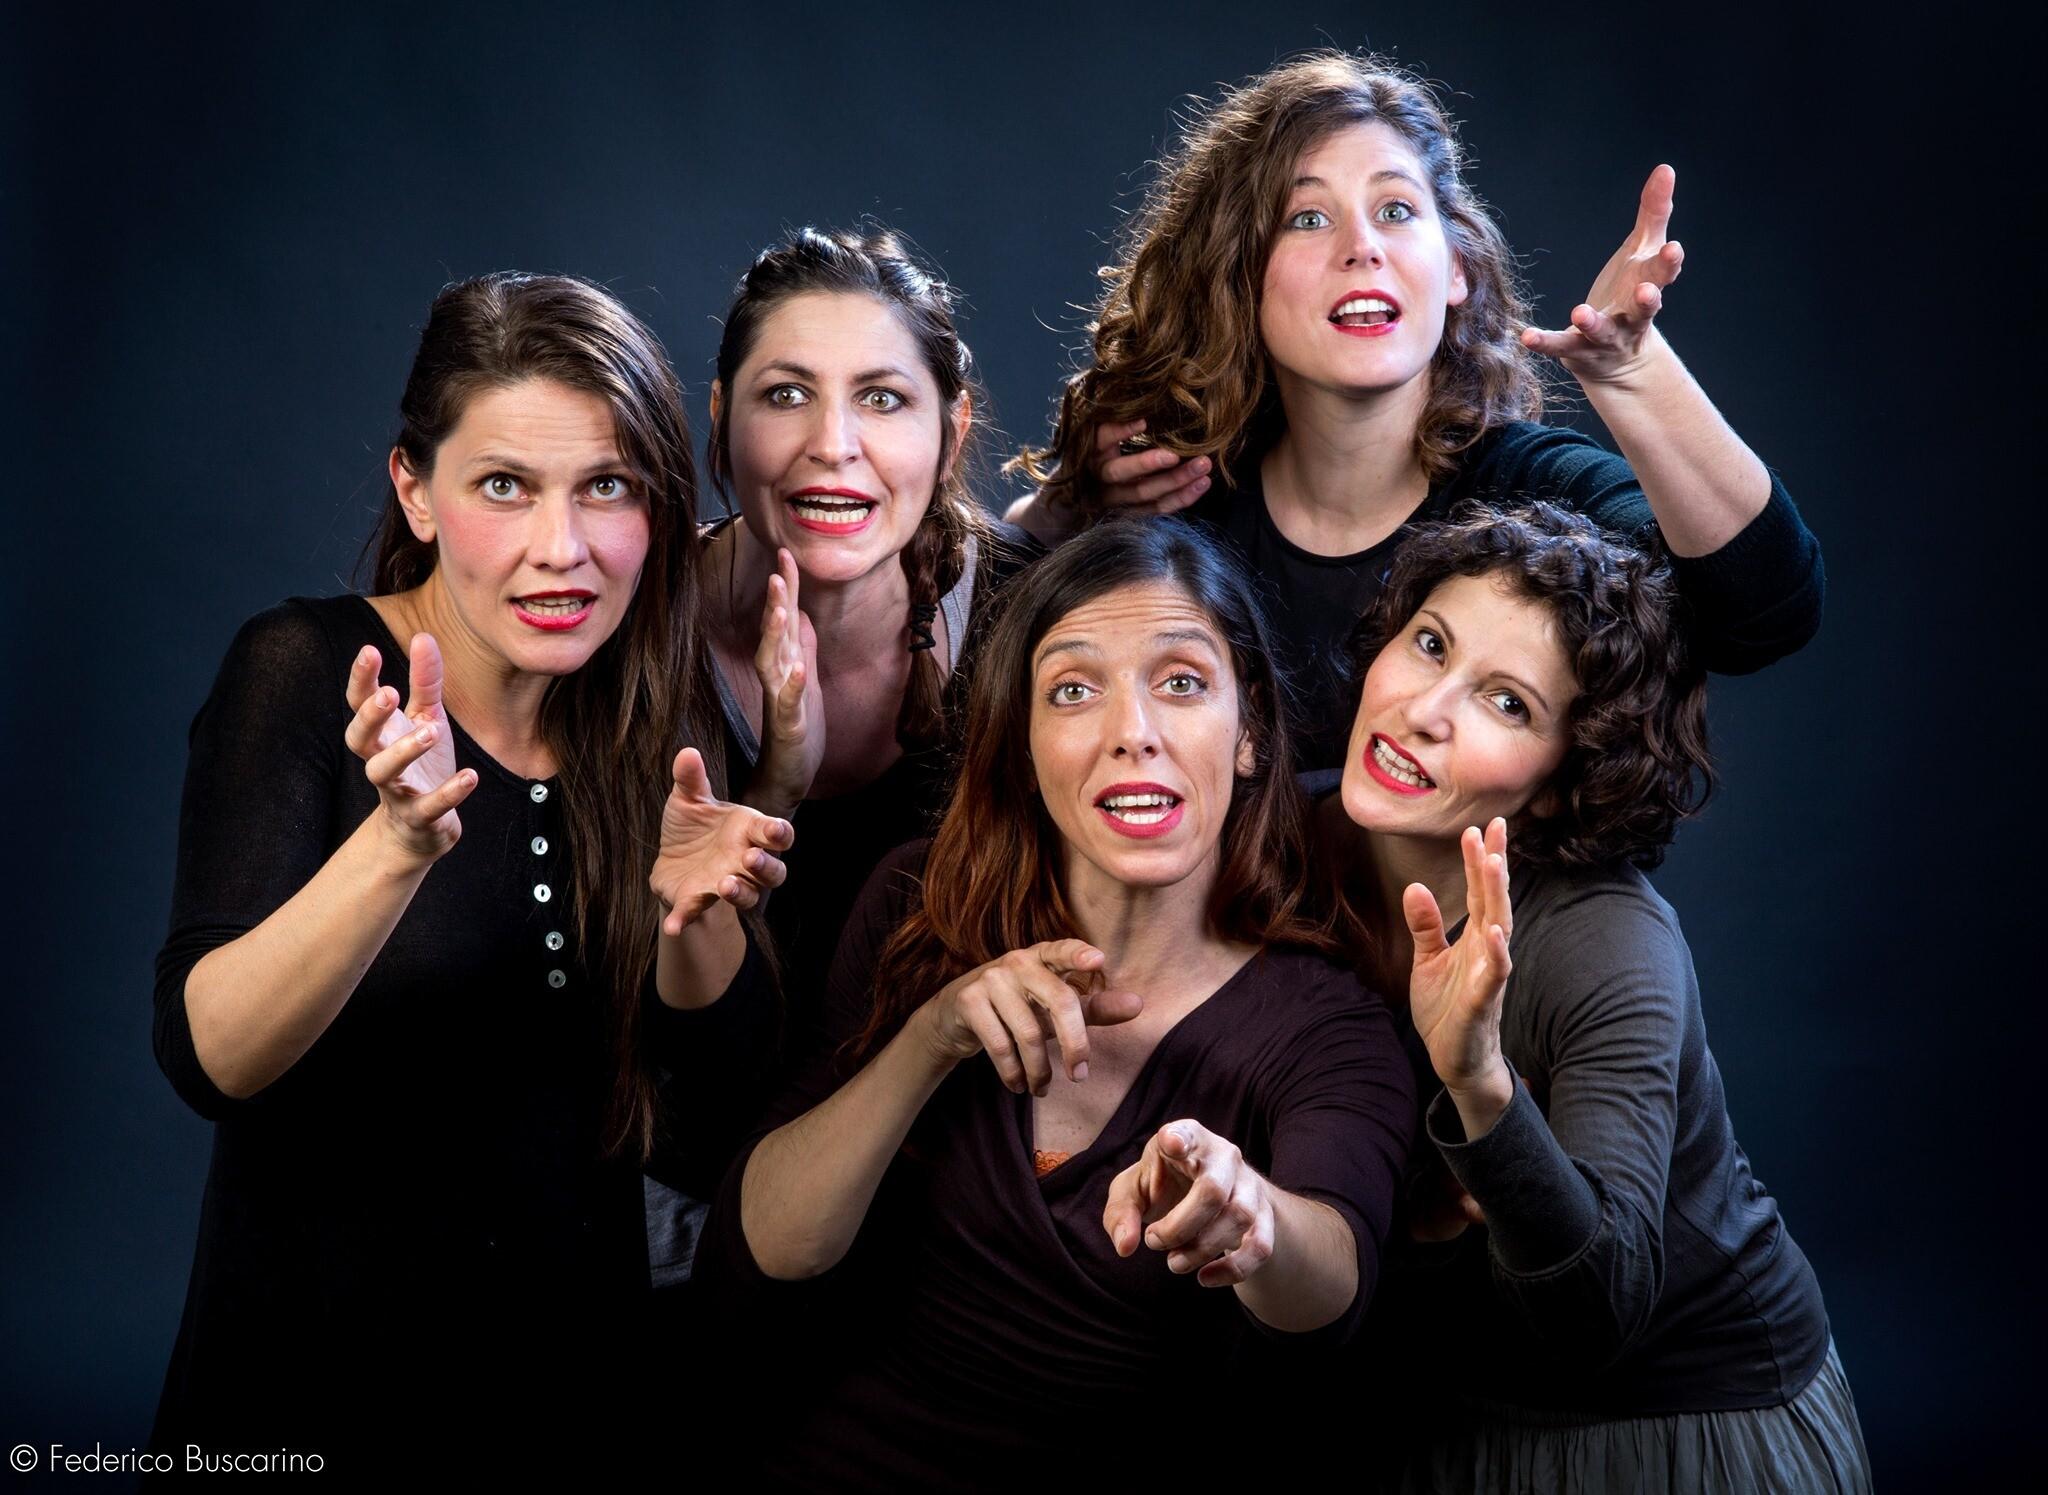 XVIII° Palio Poetico Teatrale Musicale      ERMO COLLE 2019: PICCOLO CANTO DI RESURREZIONE